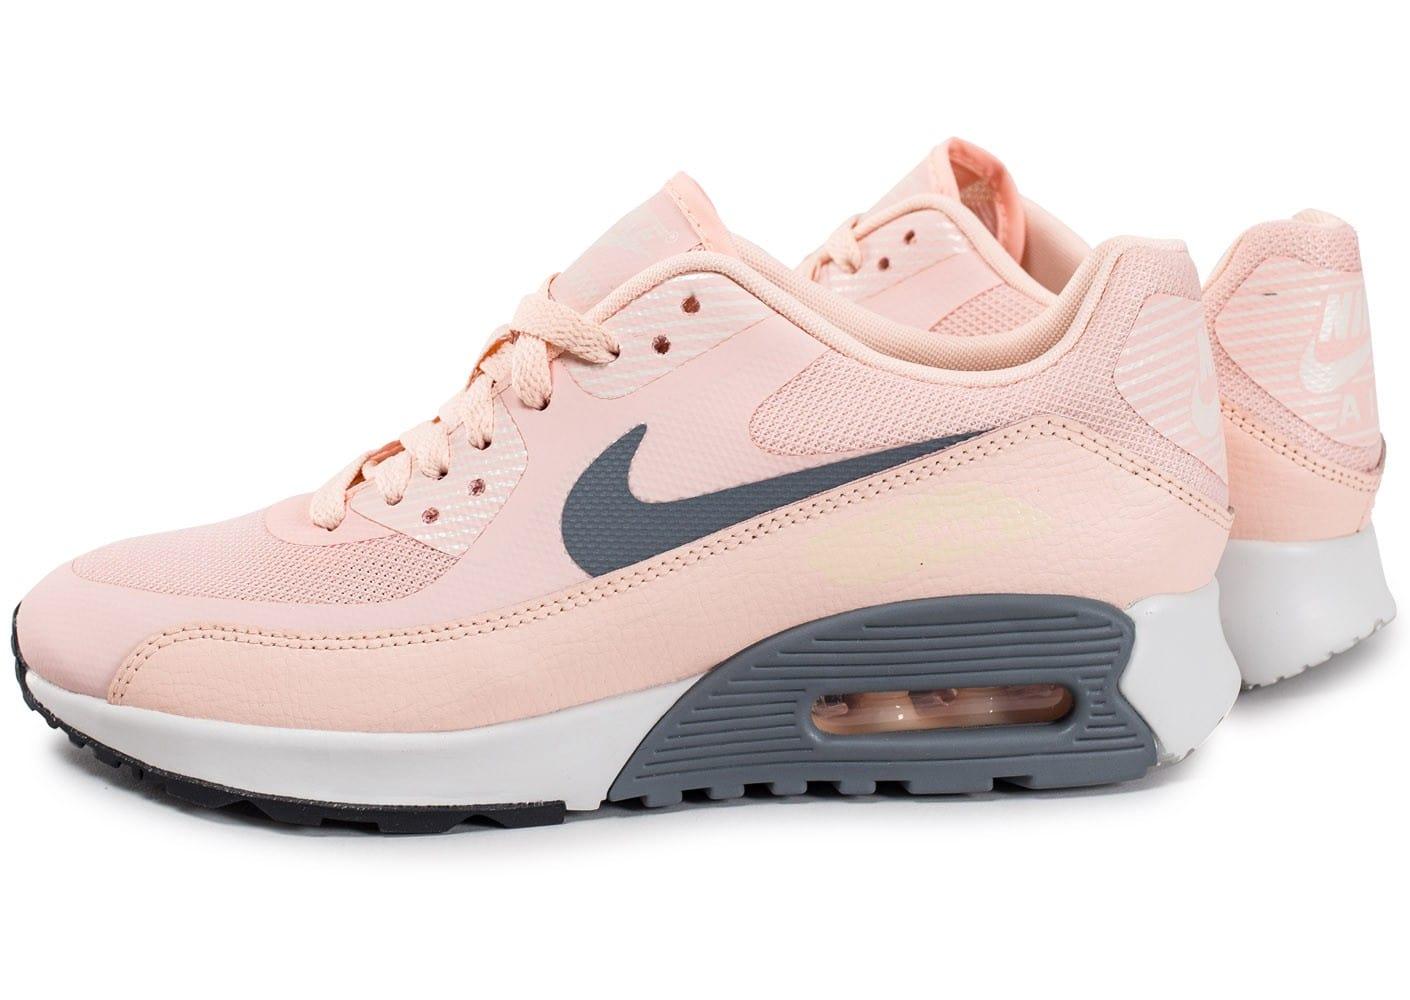 nike air max 90 femme chaussures